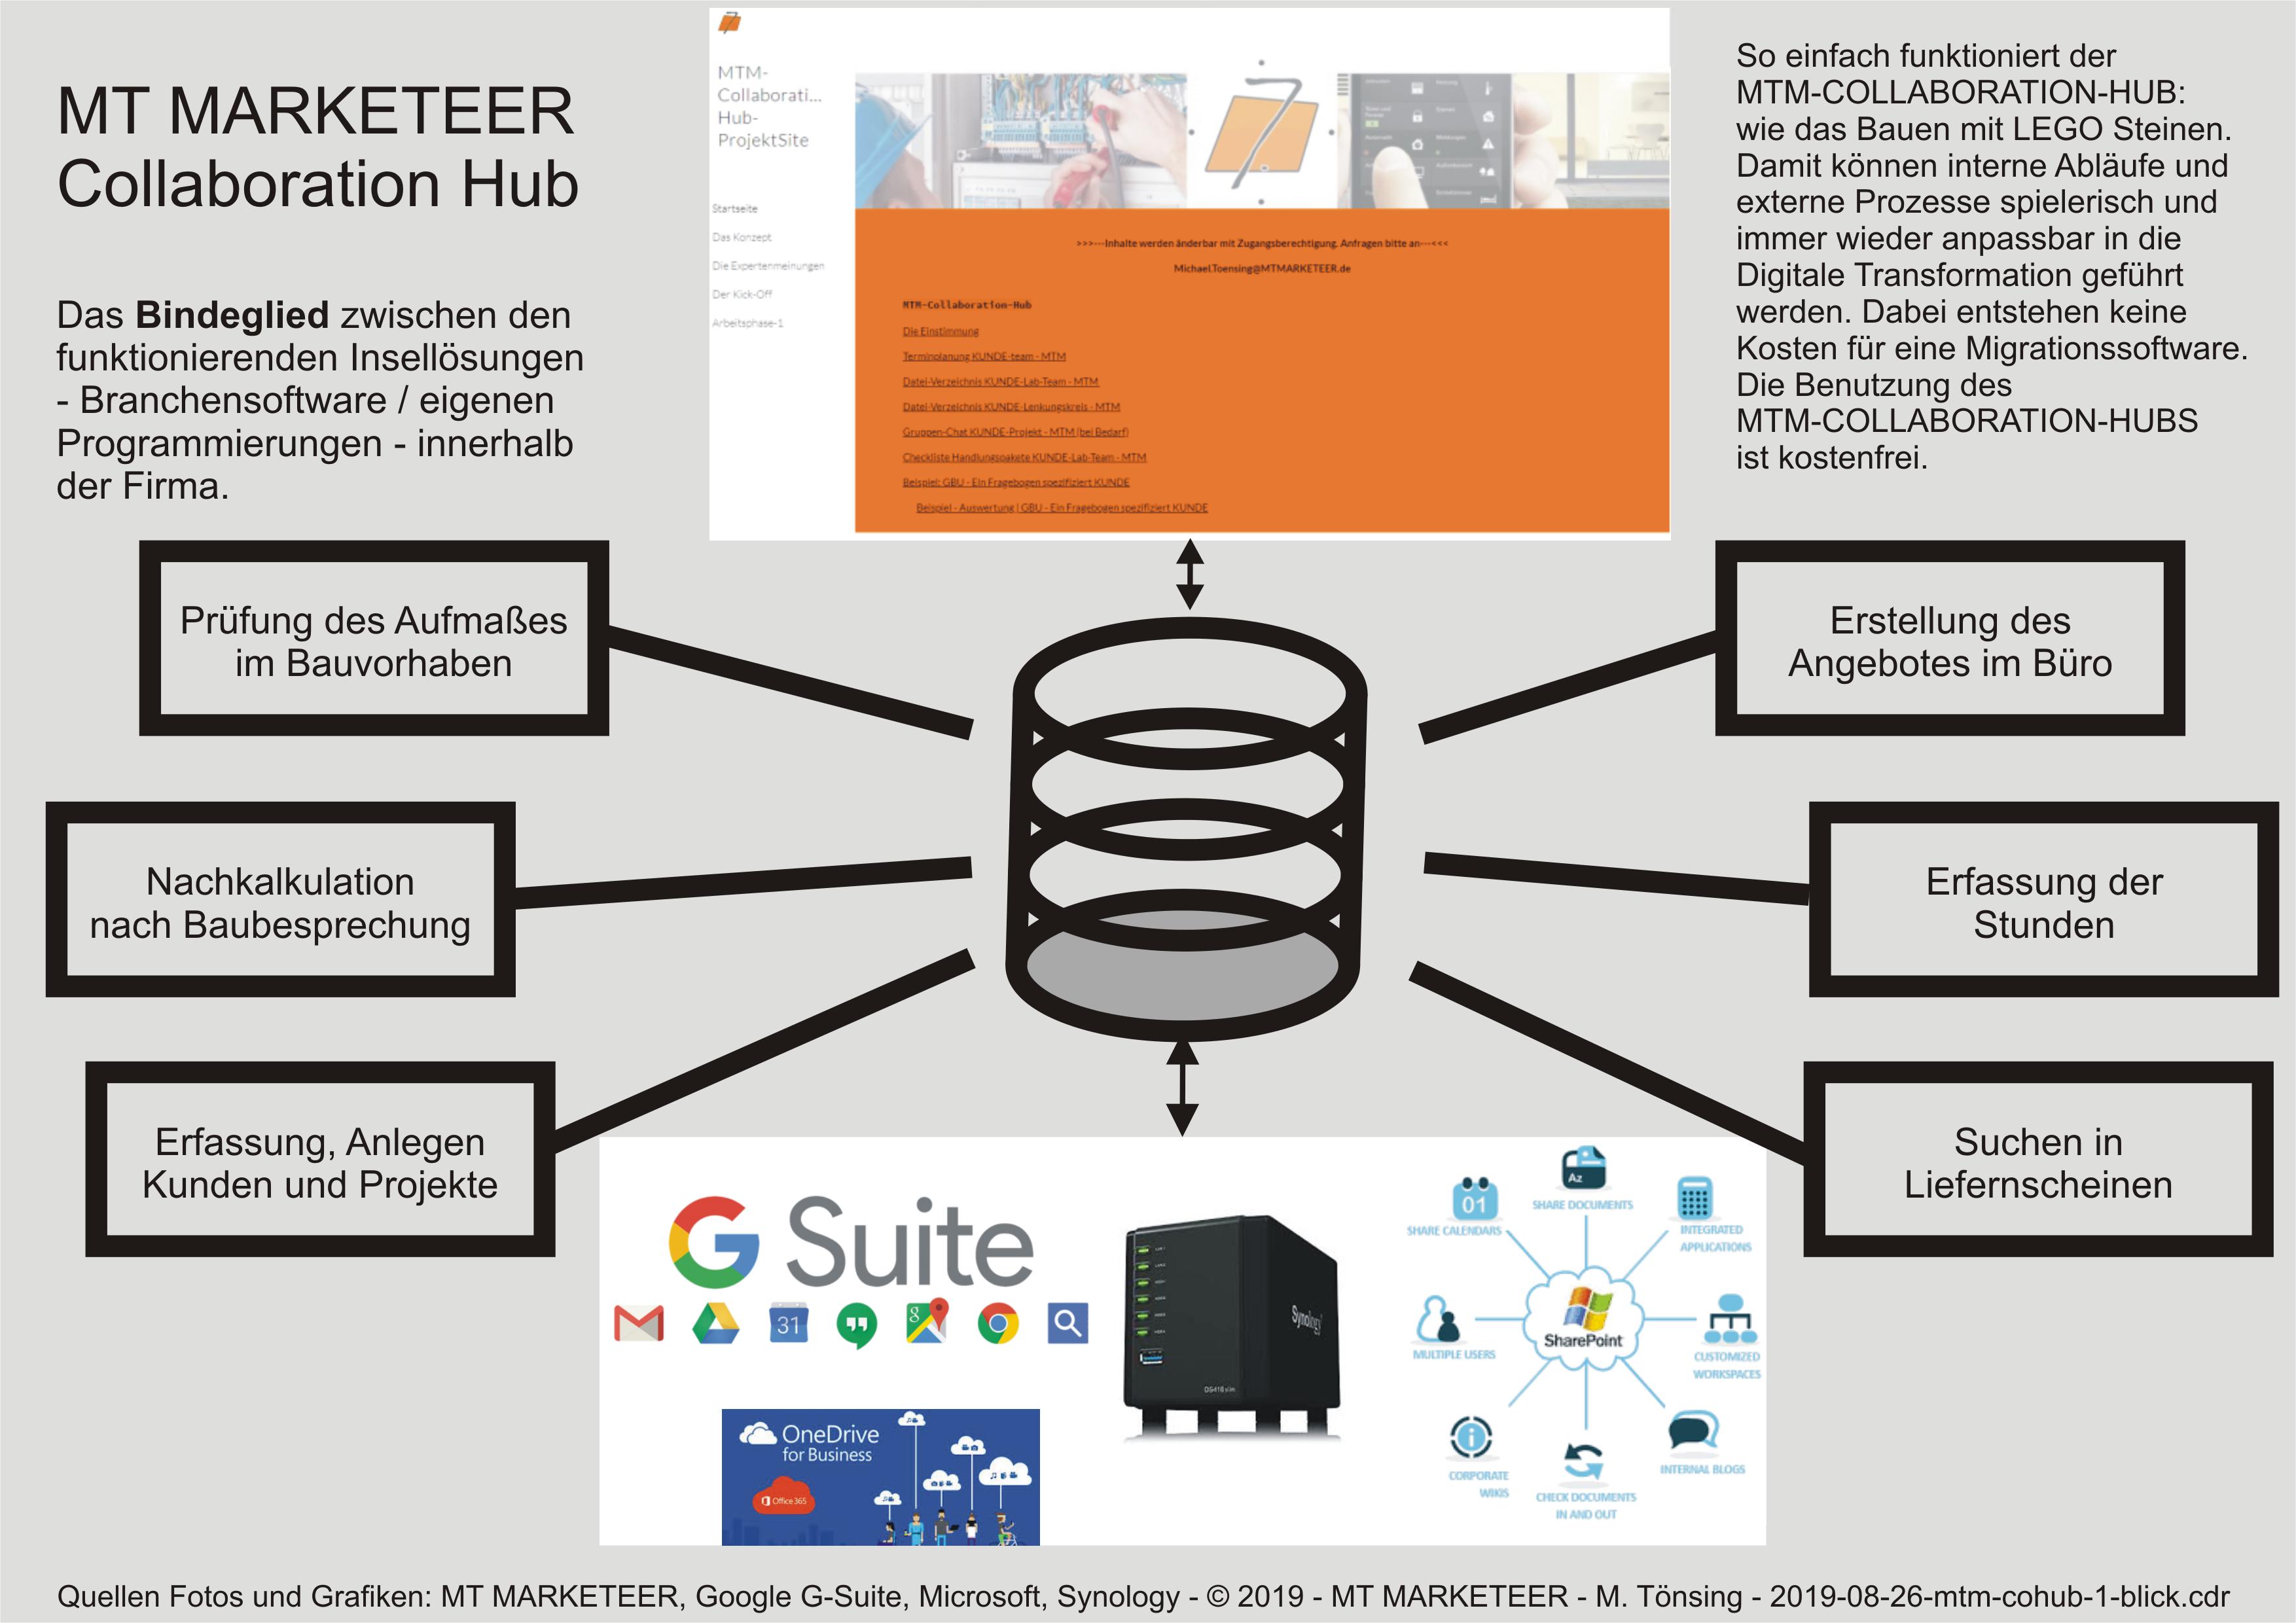 MT MARKETEER Collaboration Hub  Das Bindeglied zwischen den funktionierenden Insellösungen - Branchensoftware / eigenen Programmierungen - innerhalb  der Firma.  So einfach funktioniert der  MTM-COLLABORATION-HUB:  wie das Bauen mit LEGO Steinen.  Damit können interne Abläufe und externe Prozesse spielerisch und  immer wieder anpassbar in die  Digitale Transformation geführt  werden. Dabei entstehen keine  Kosten für eine Migrationssoftware.  Die Benutzung des  MTM-COLLABORATION-HUBS  ist kostenfrei.